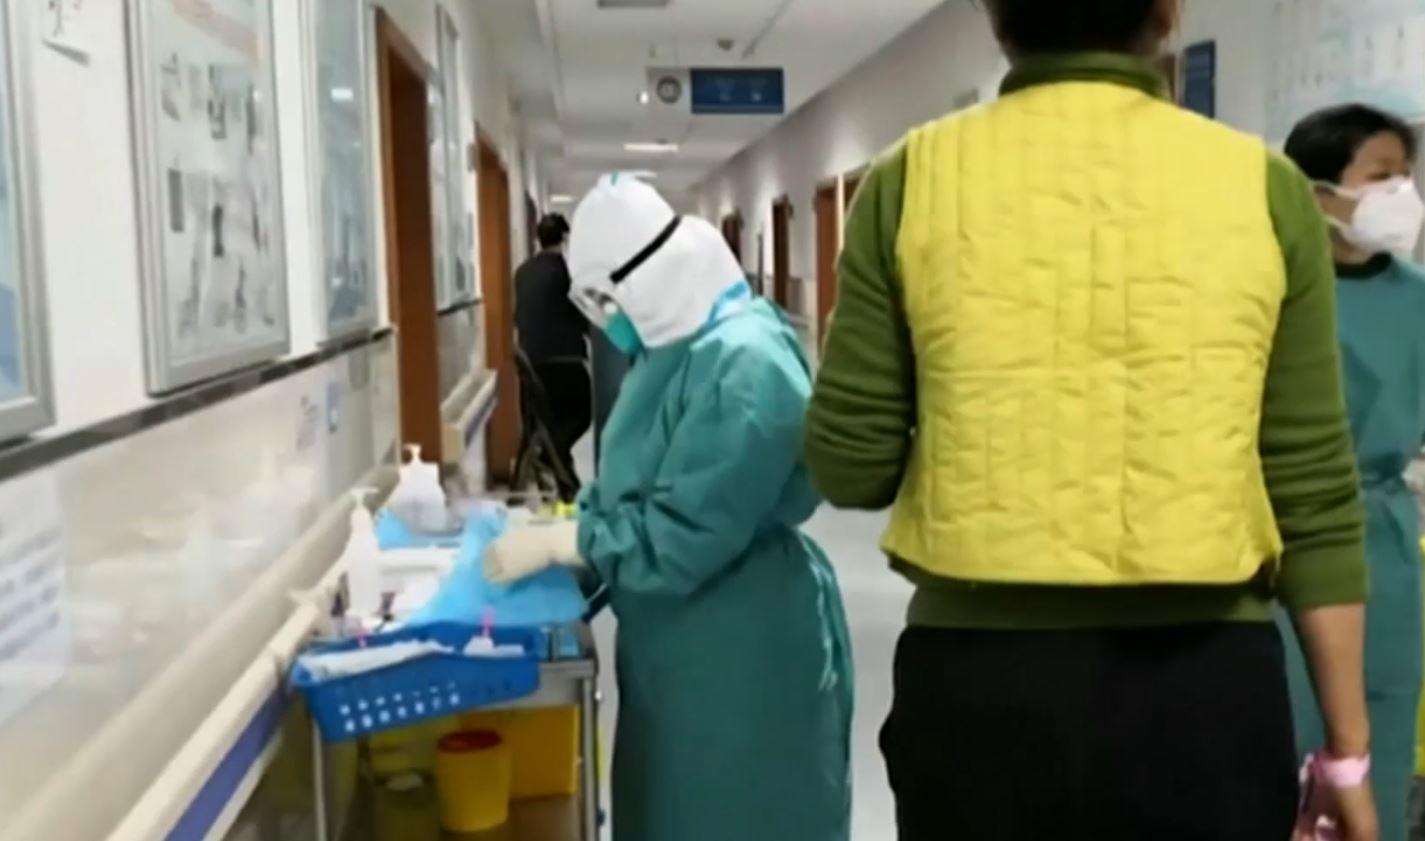 Coronavirus, oltre mille i morti in Cina. 18 mesi per ottenere il vaccino, dice l'Oms